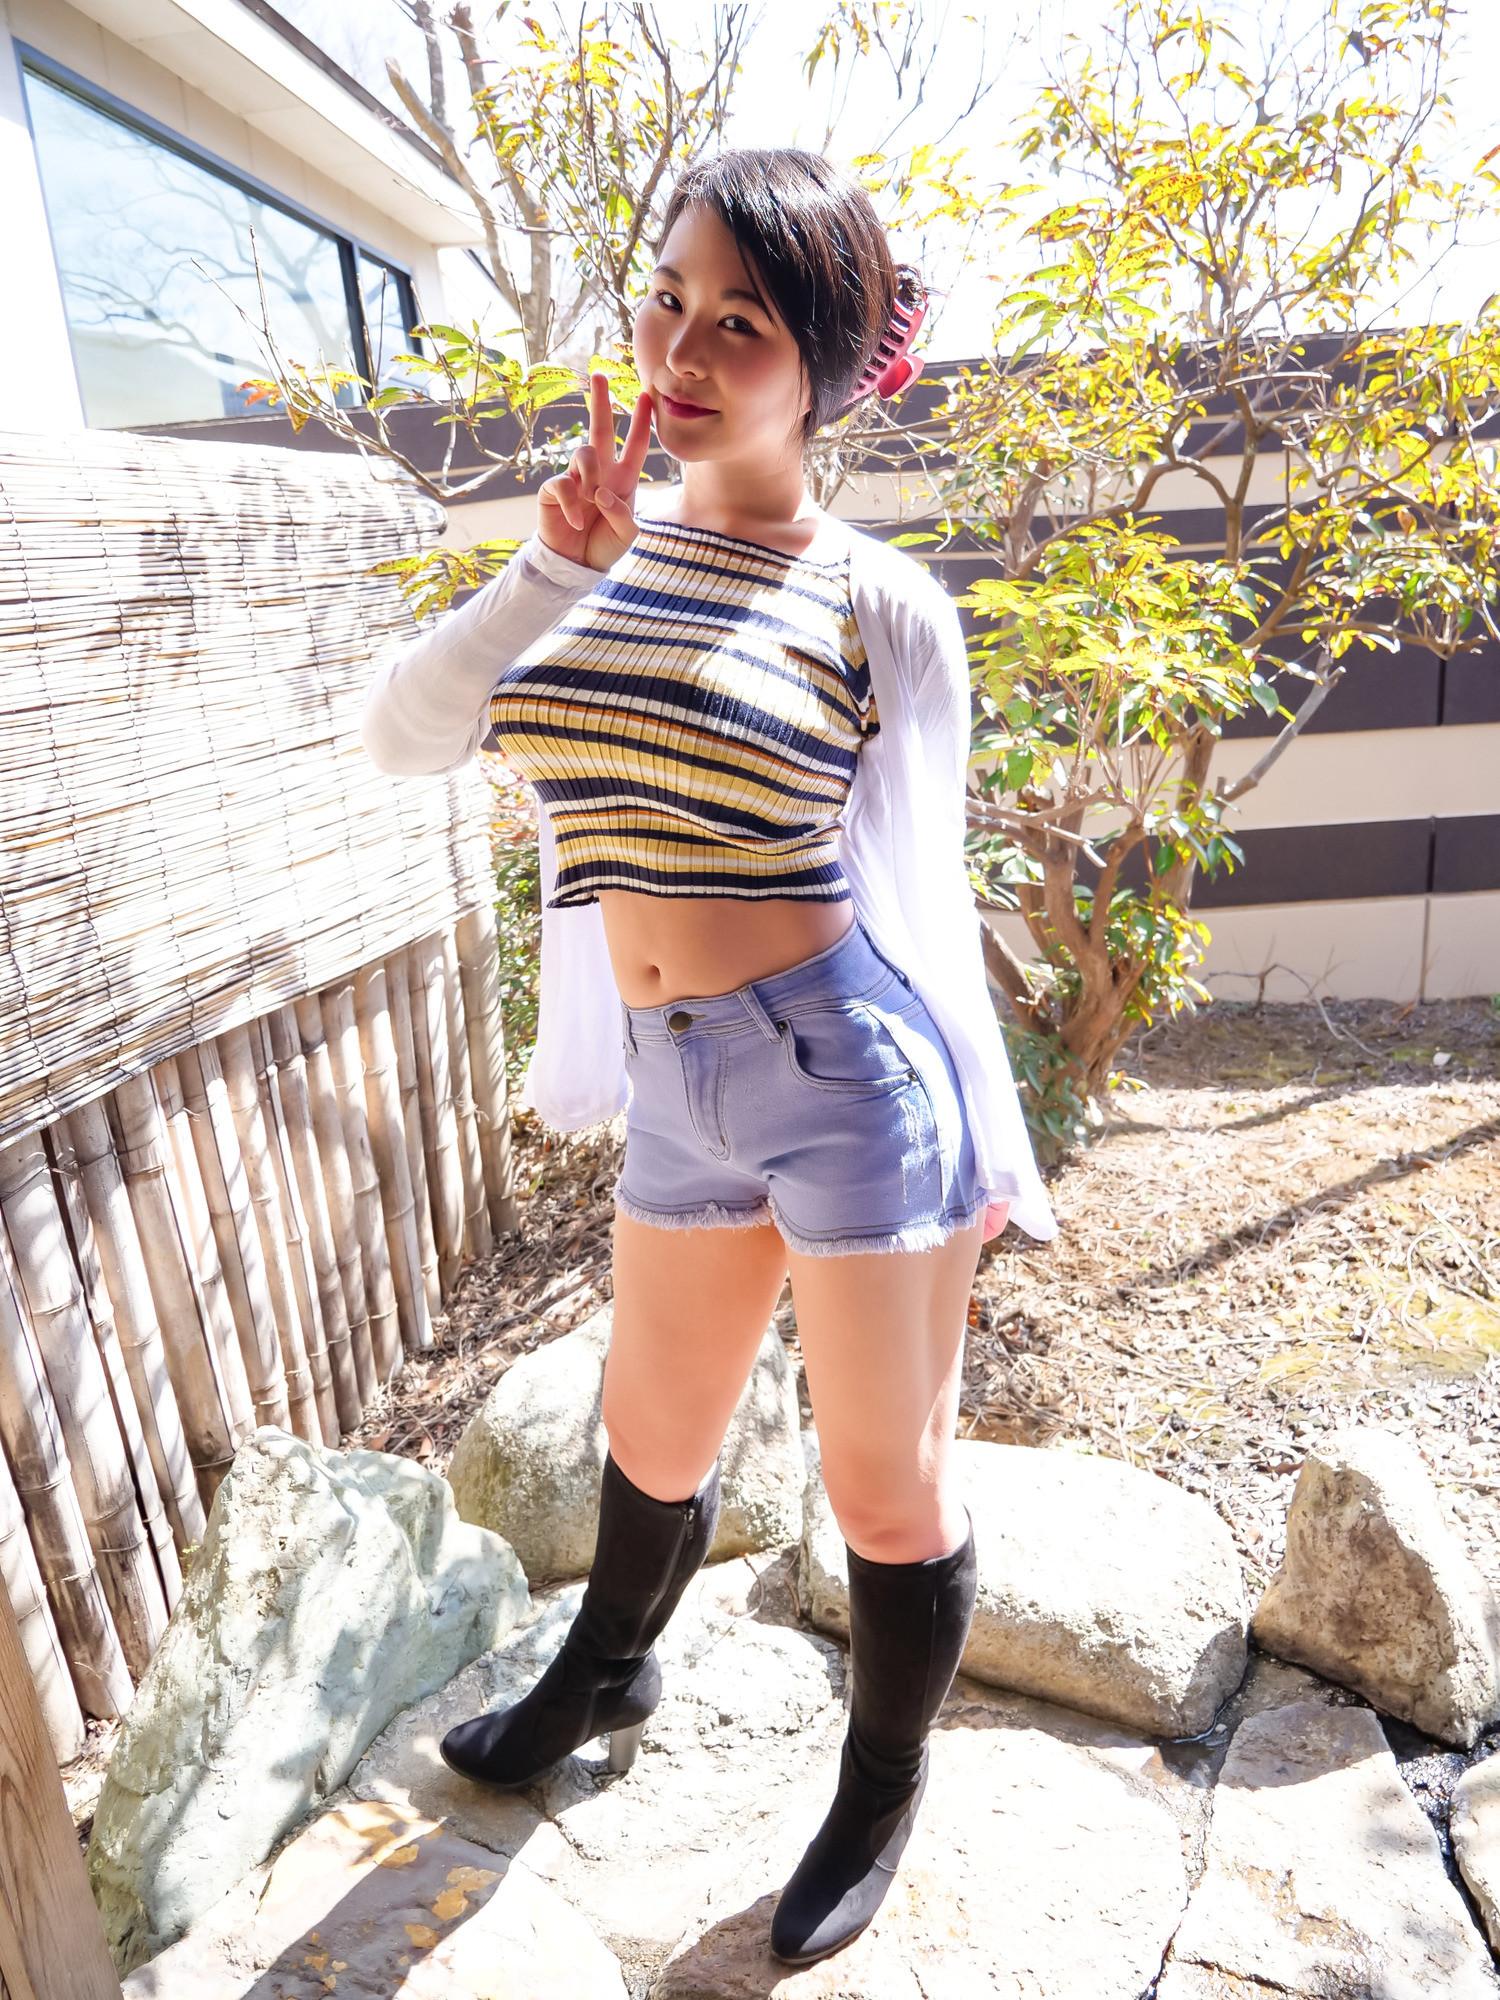 中出し露天温泉 国宝級マシュマロおっぱいIカップむっつりスケベなエロエロお姉さん 画像1